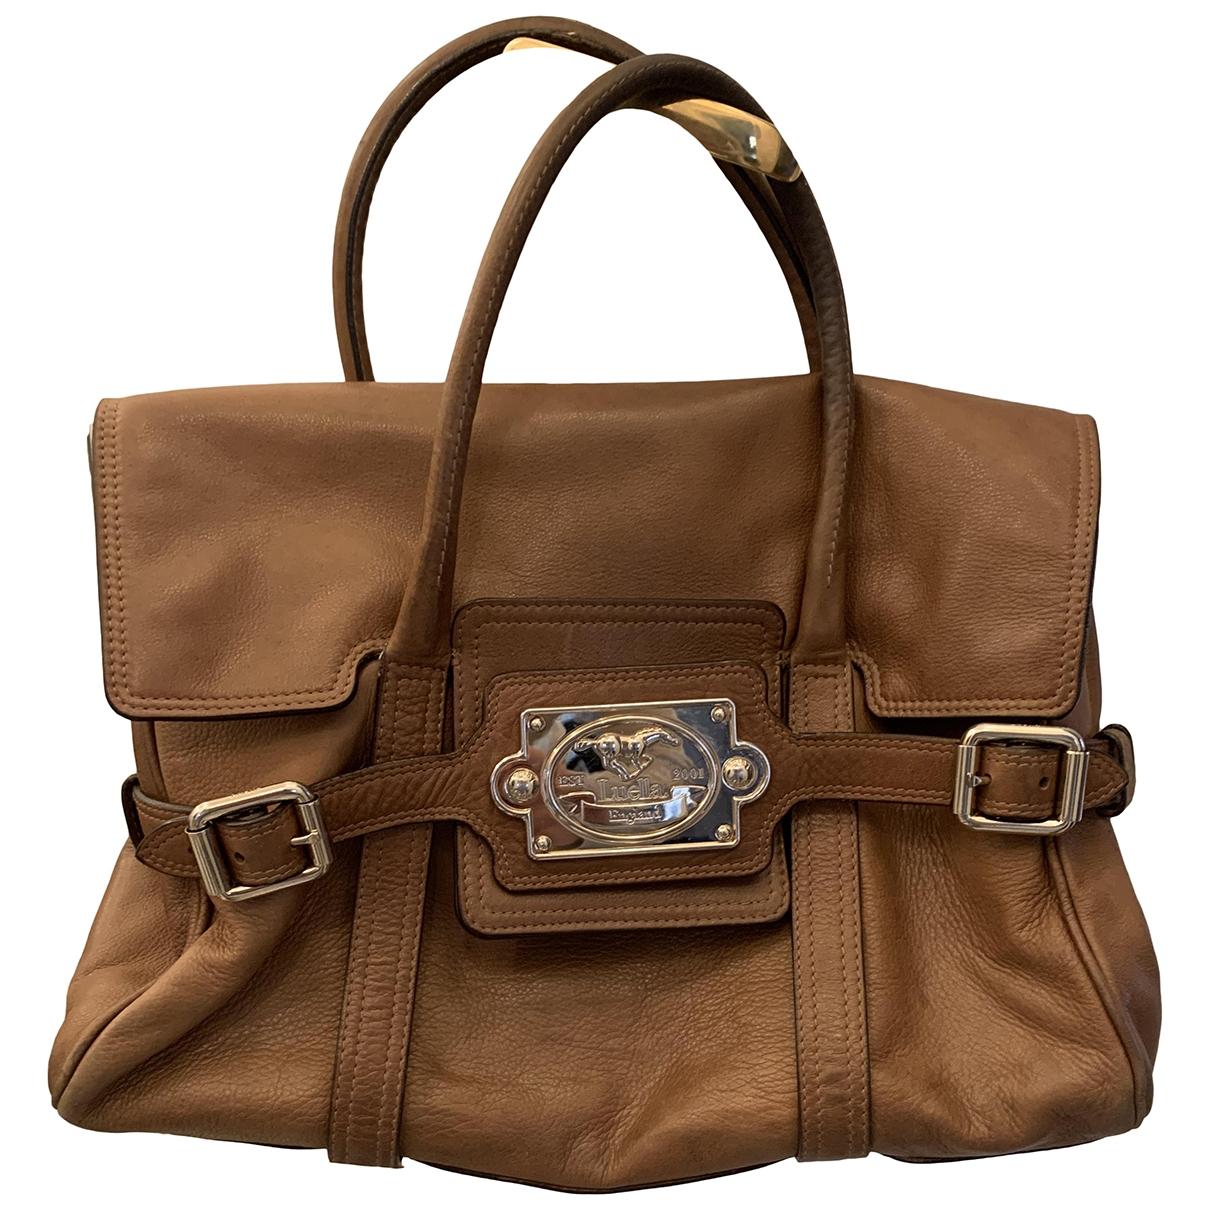 Luella \N Camel Leather handbag for Women \N